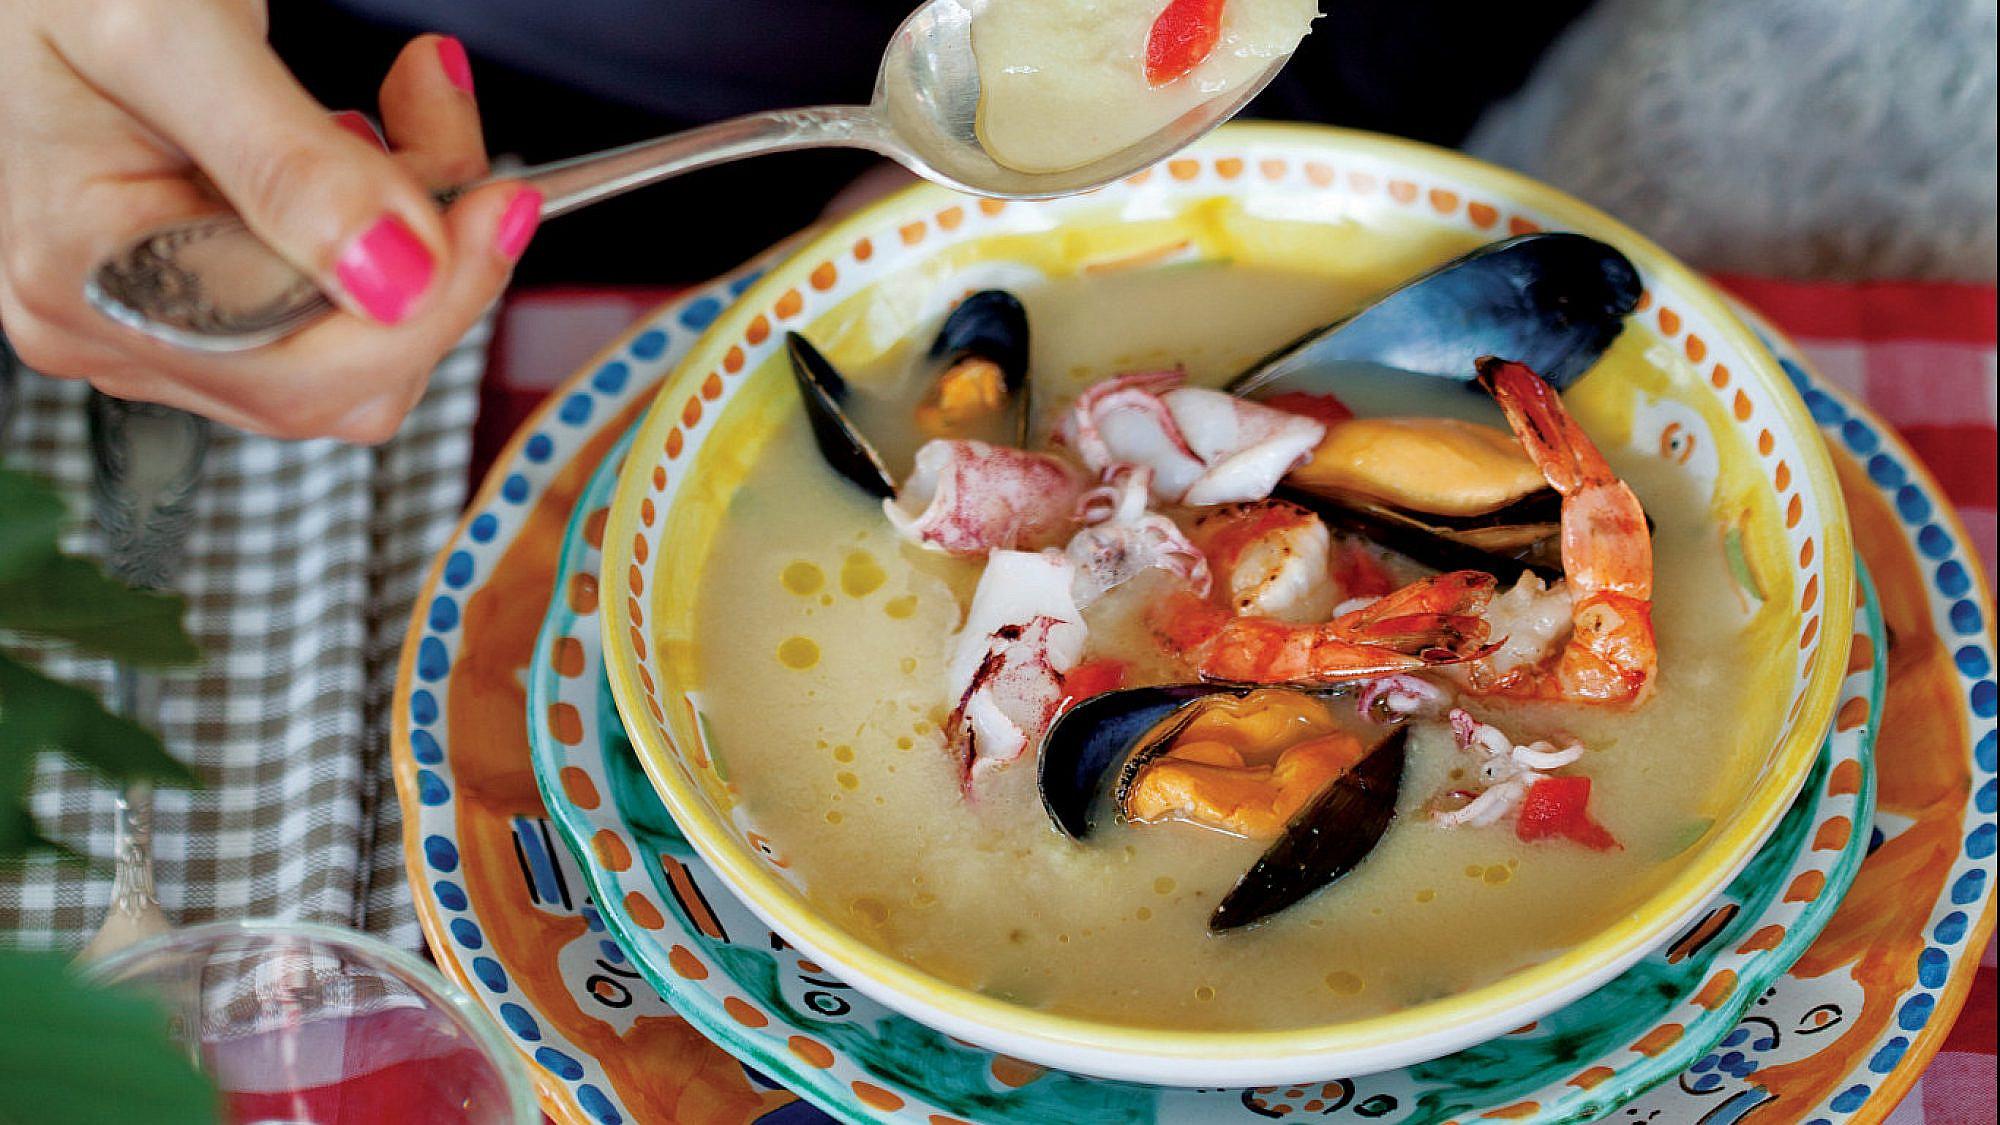 מרק שומר איטלקי עם פירות ים של רועי סופר. צילום: דניאל לילה. סטיילינג: עמית פרבר